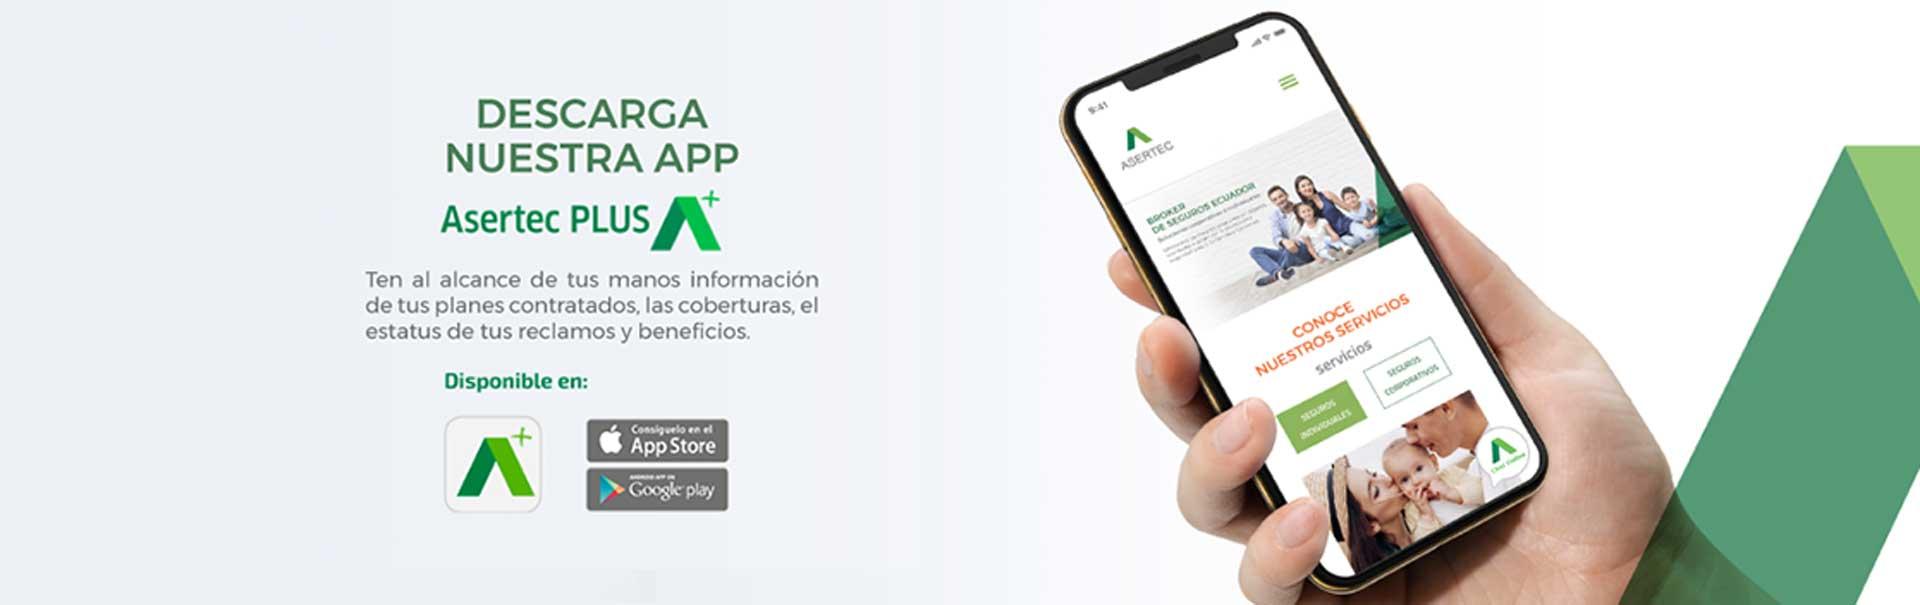 App Asertec Plus